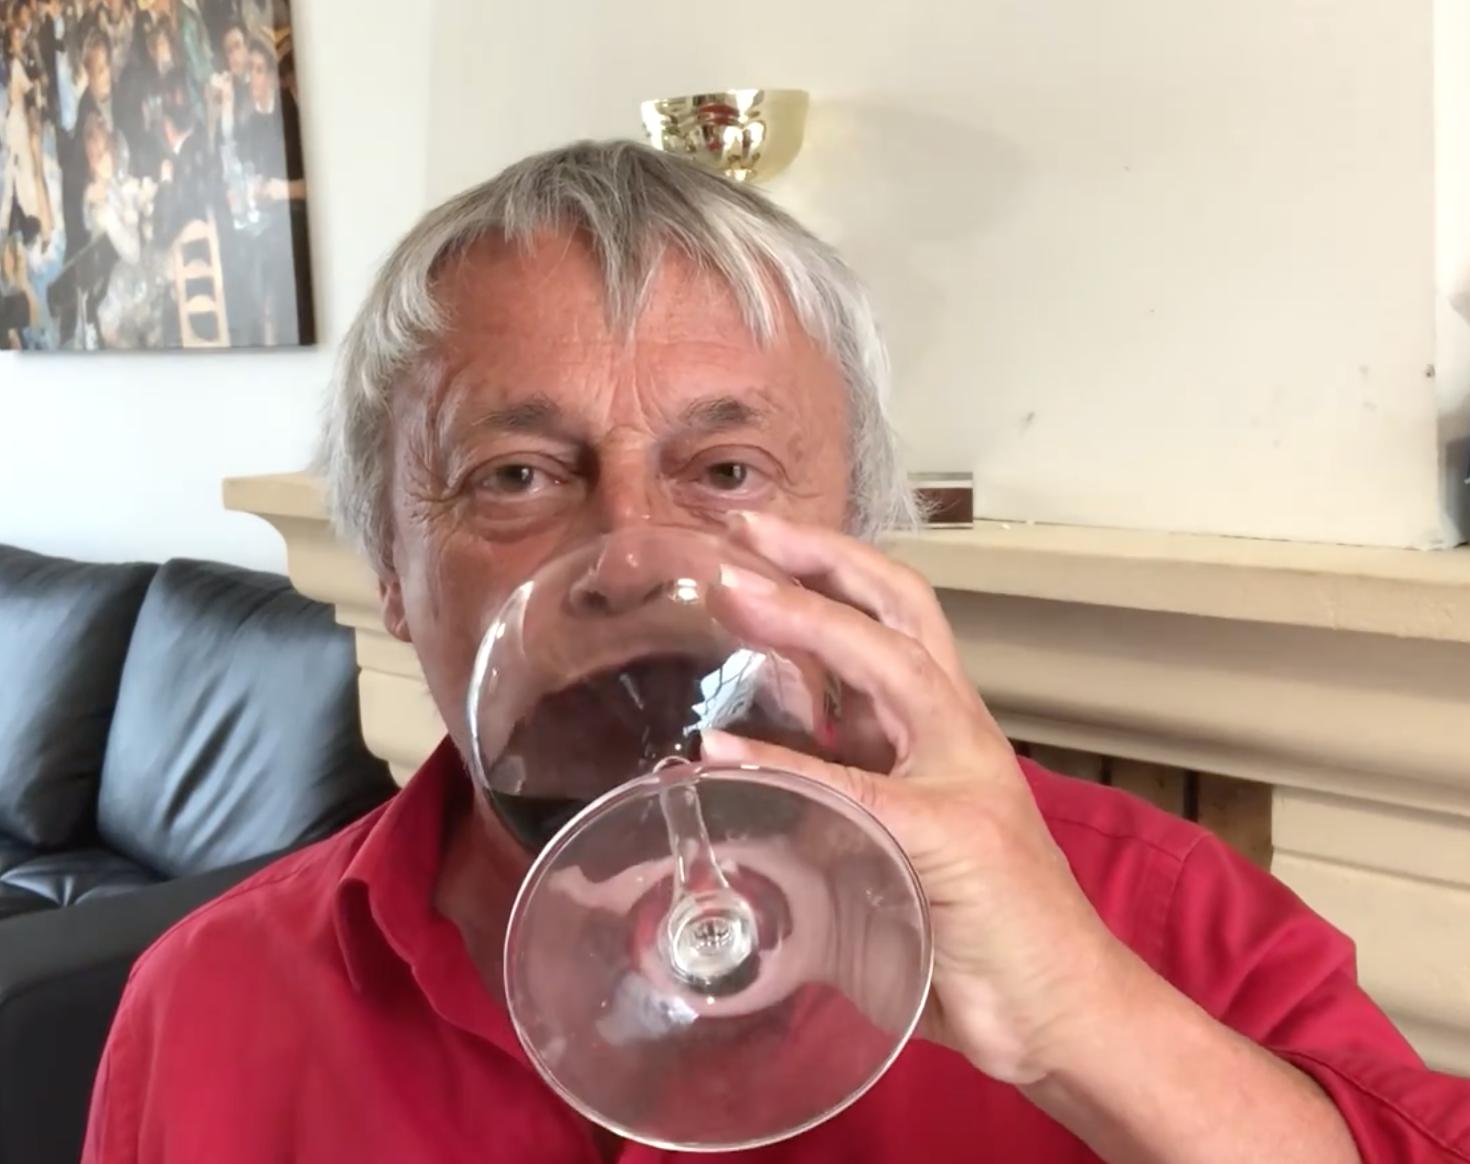 Pierre Cassen : si Macron fait moins de 20%, je sors le champagne (video)